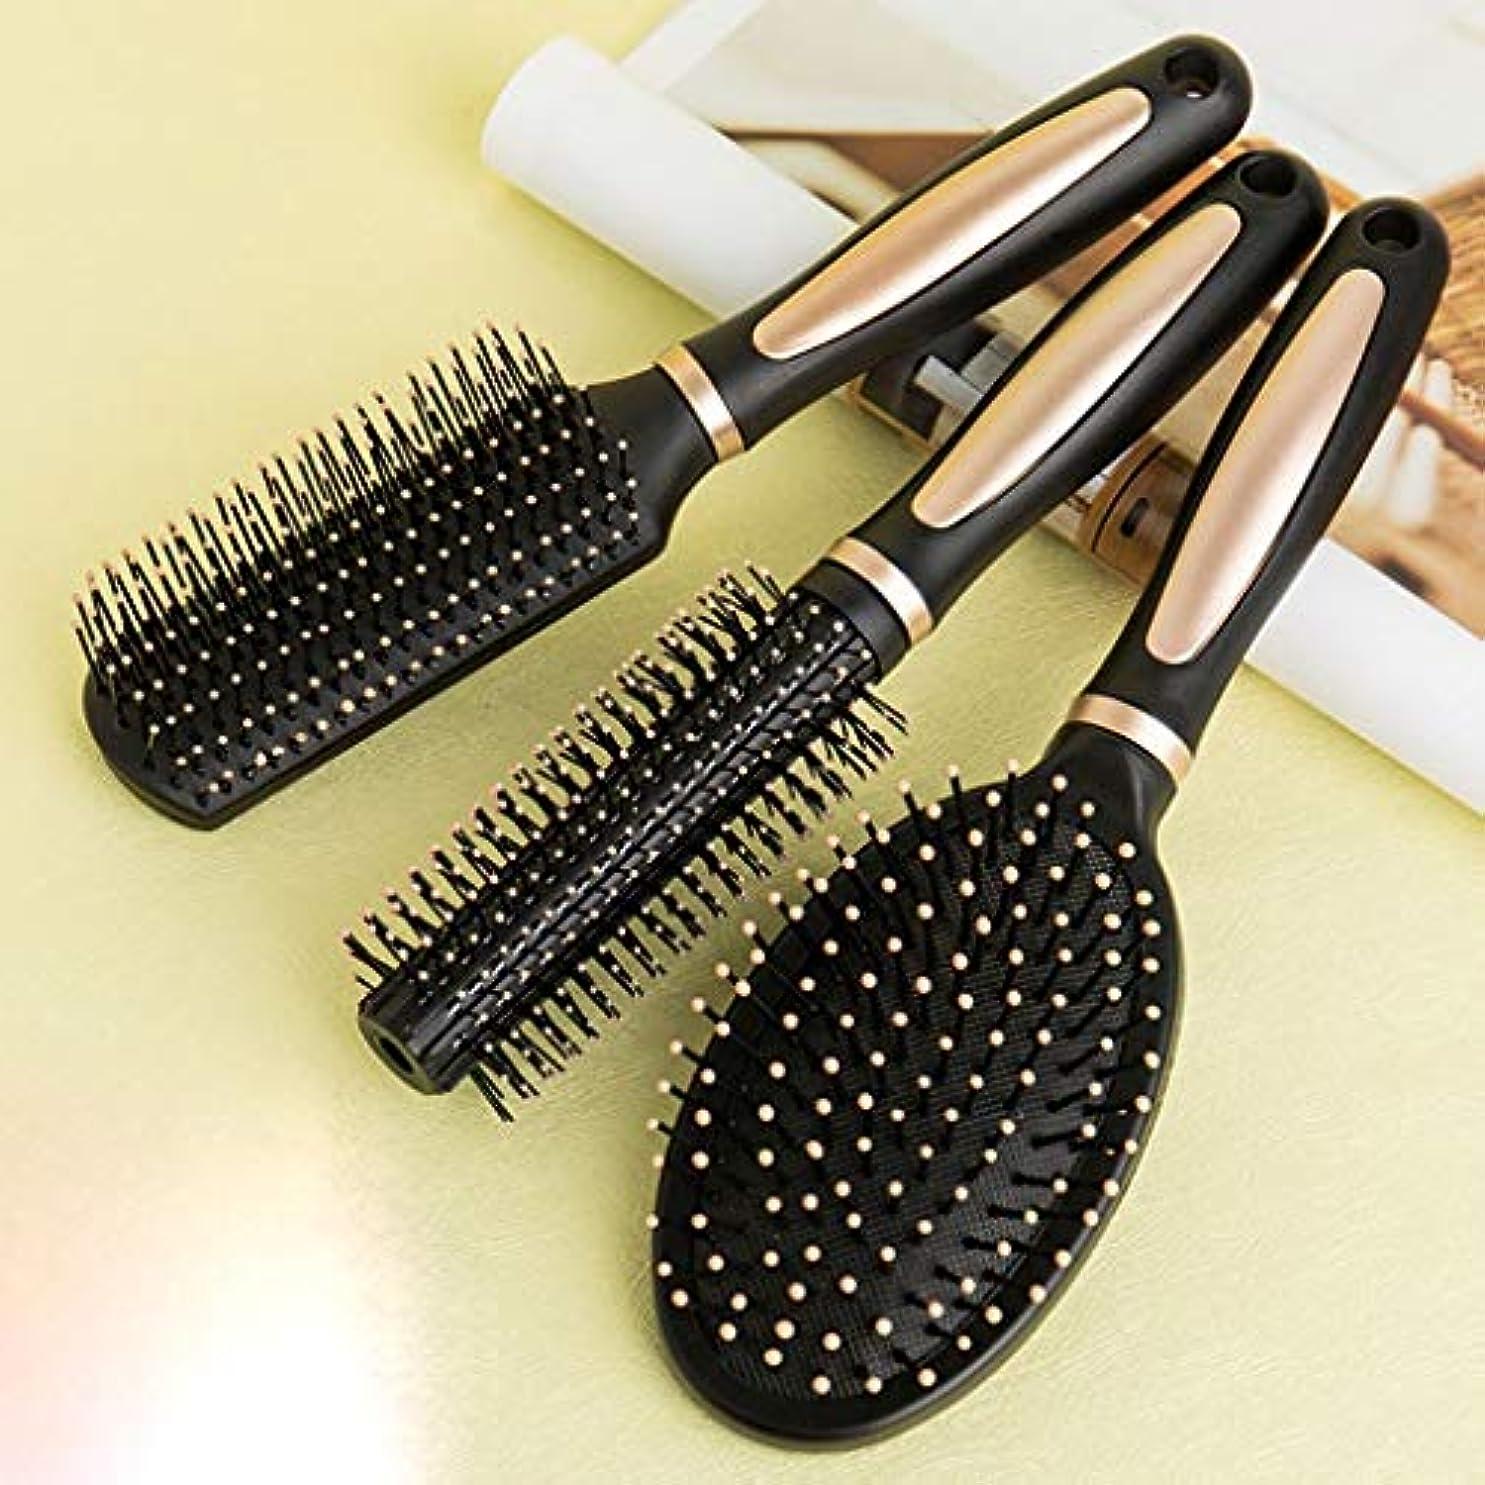 どっちドロップ掃く男性と女性エアバッグマッサージくし、ヘアくしセットロングヘアの旅と家庭のための抗静的なカール形状 (Size : Hair comb 3 piece set)